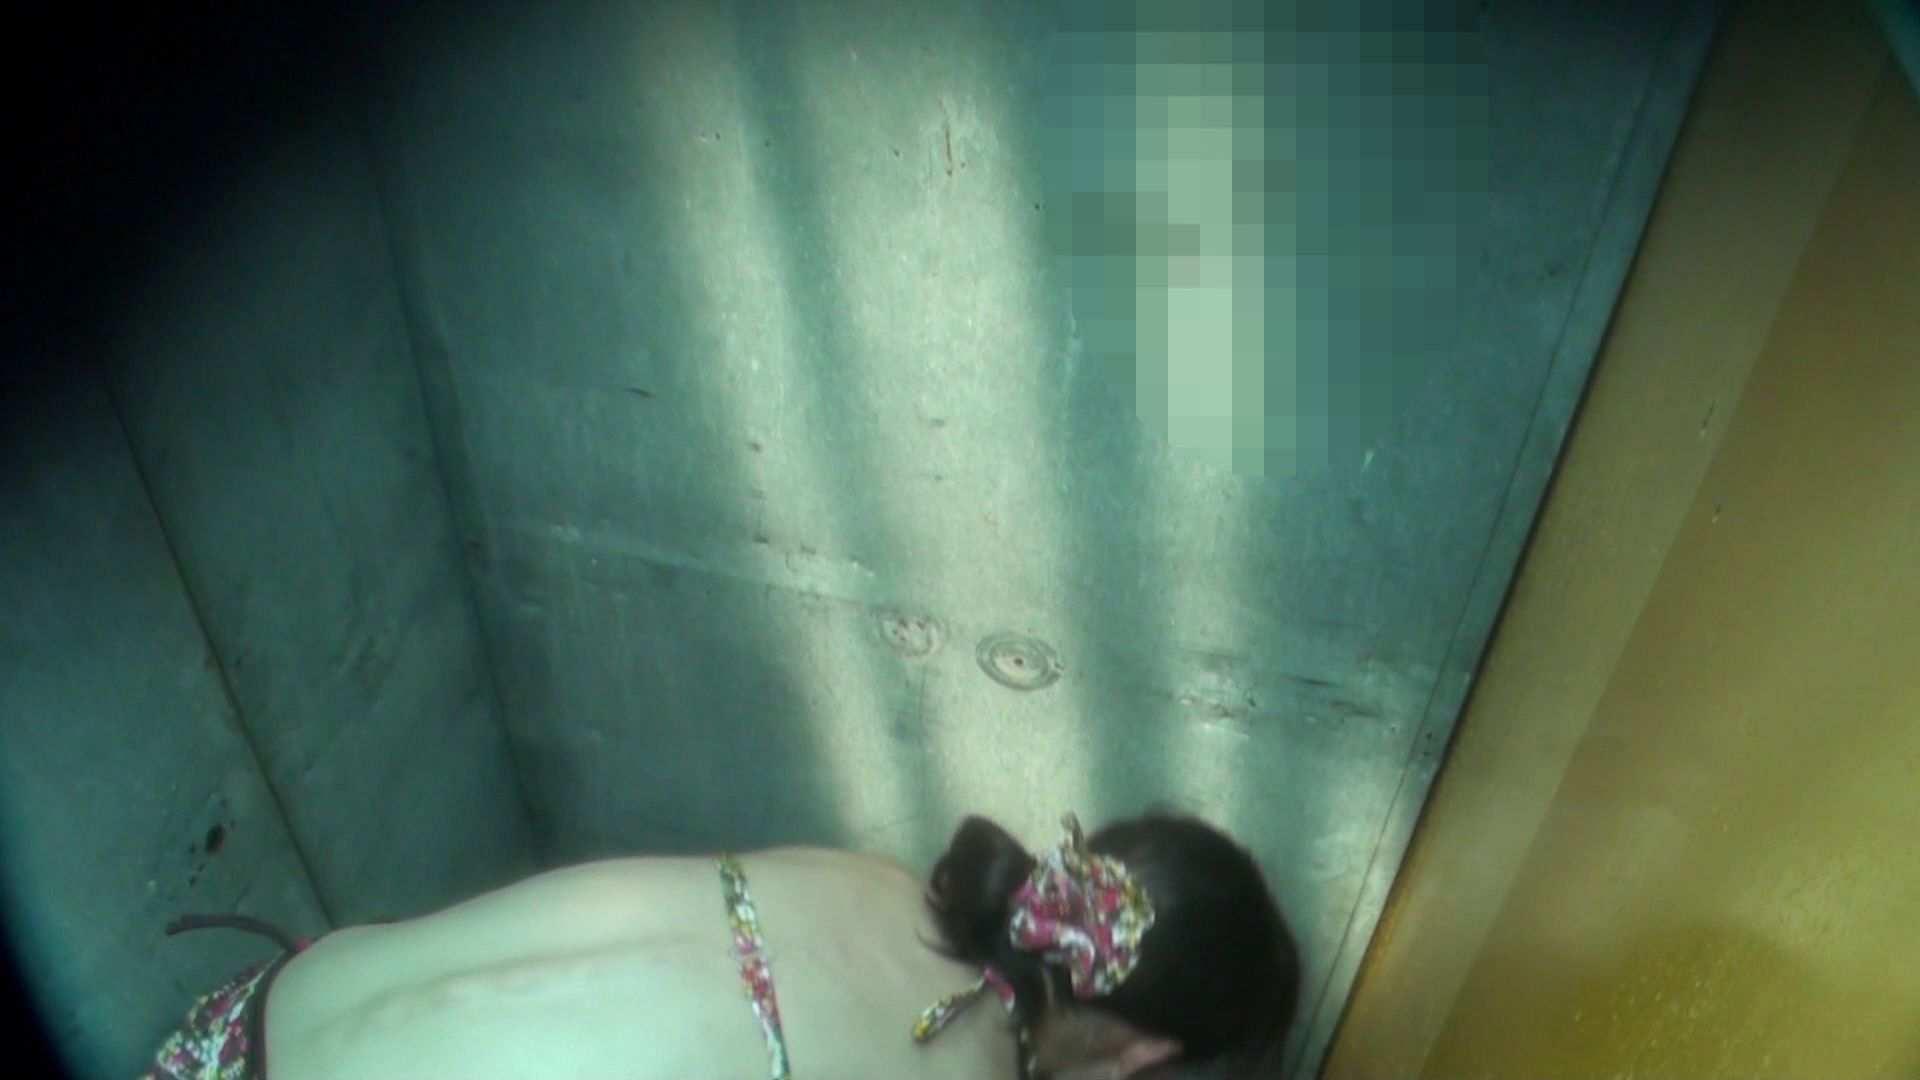 シャワールームは超!!危険な香りVol.16 意外に乳首は年増のそれ 乳首  61pic 8